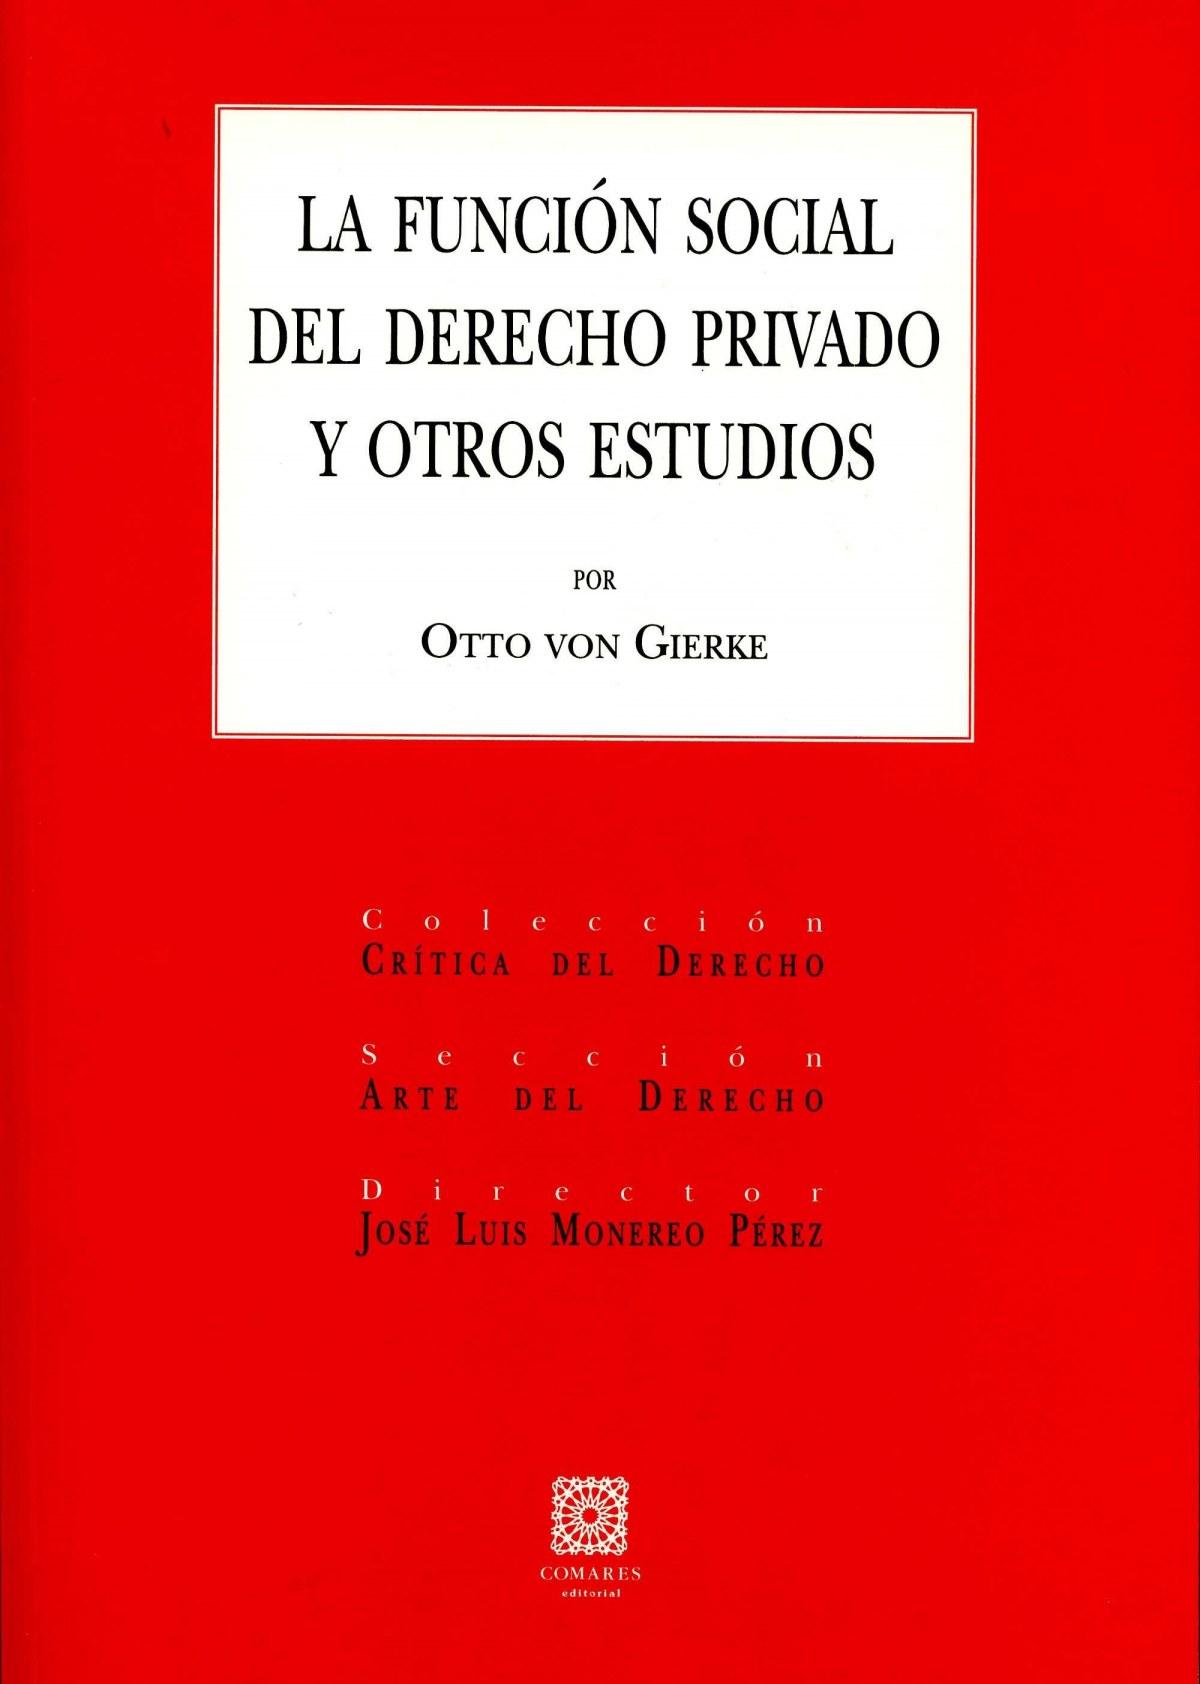 La funci¢n social derecho privado y otros estudios